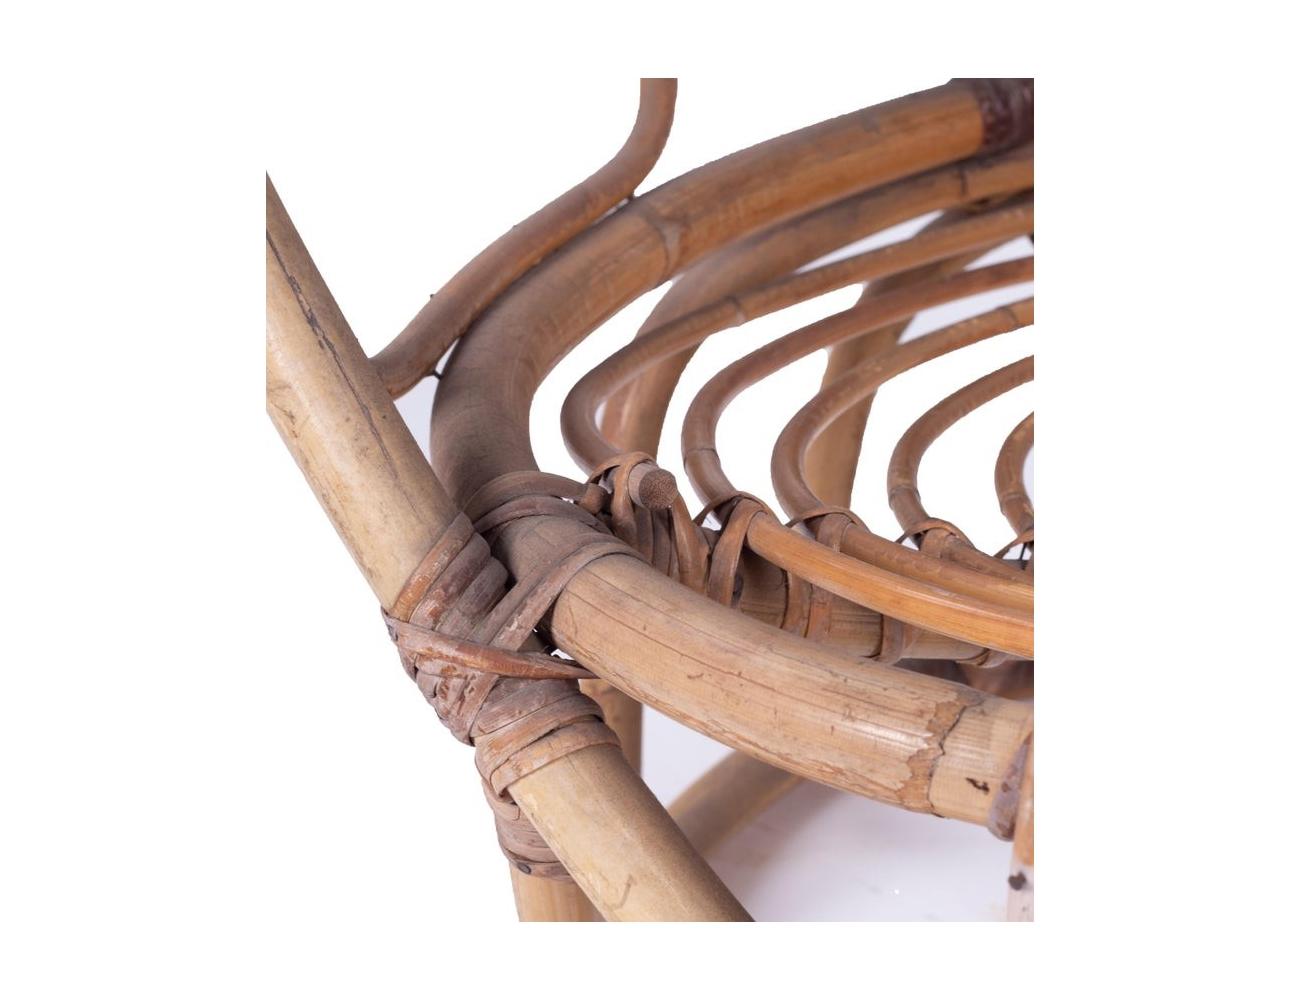 SolUptanisu Nunchaku Nunchakus Entrenamiento Pr/áctico Artes Marciales Espuma Nunchucks Nunchakus Sticks para Ni/ños y Principiantes